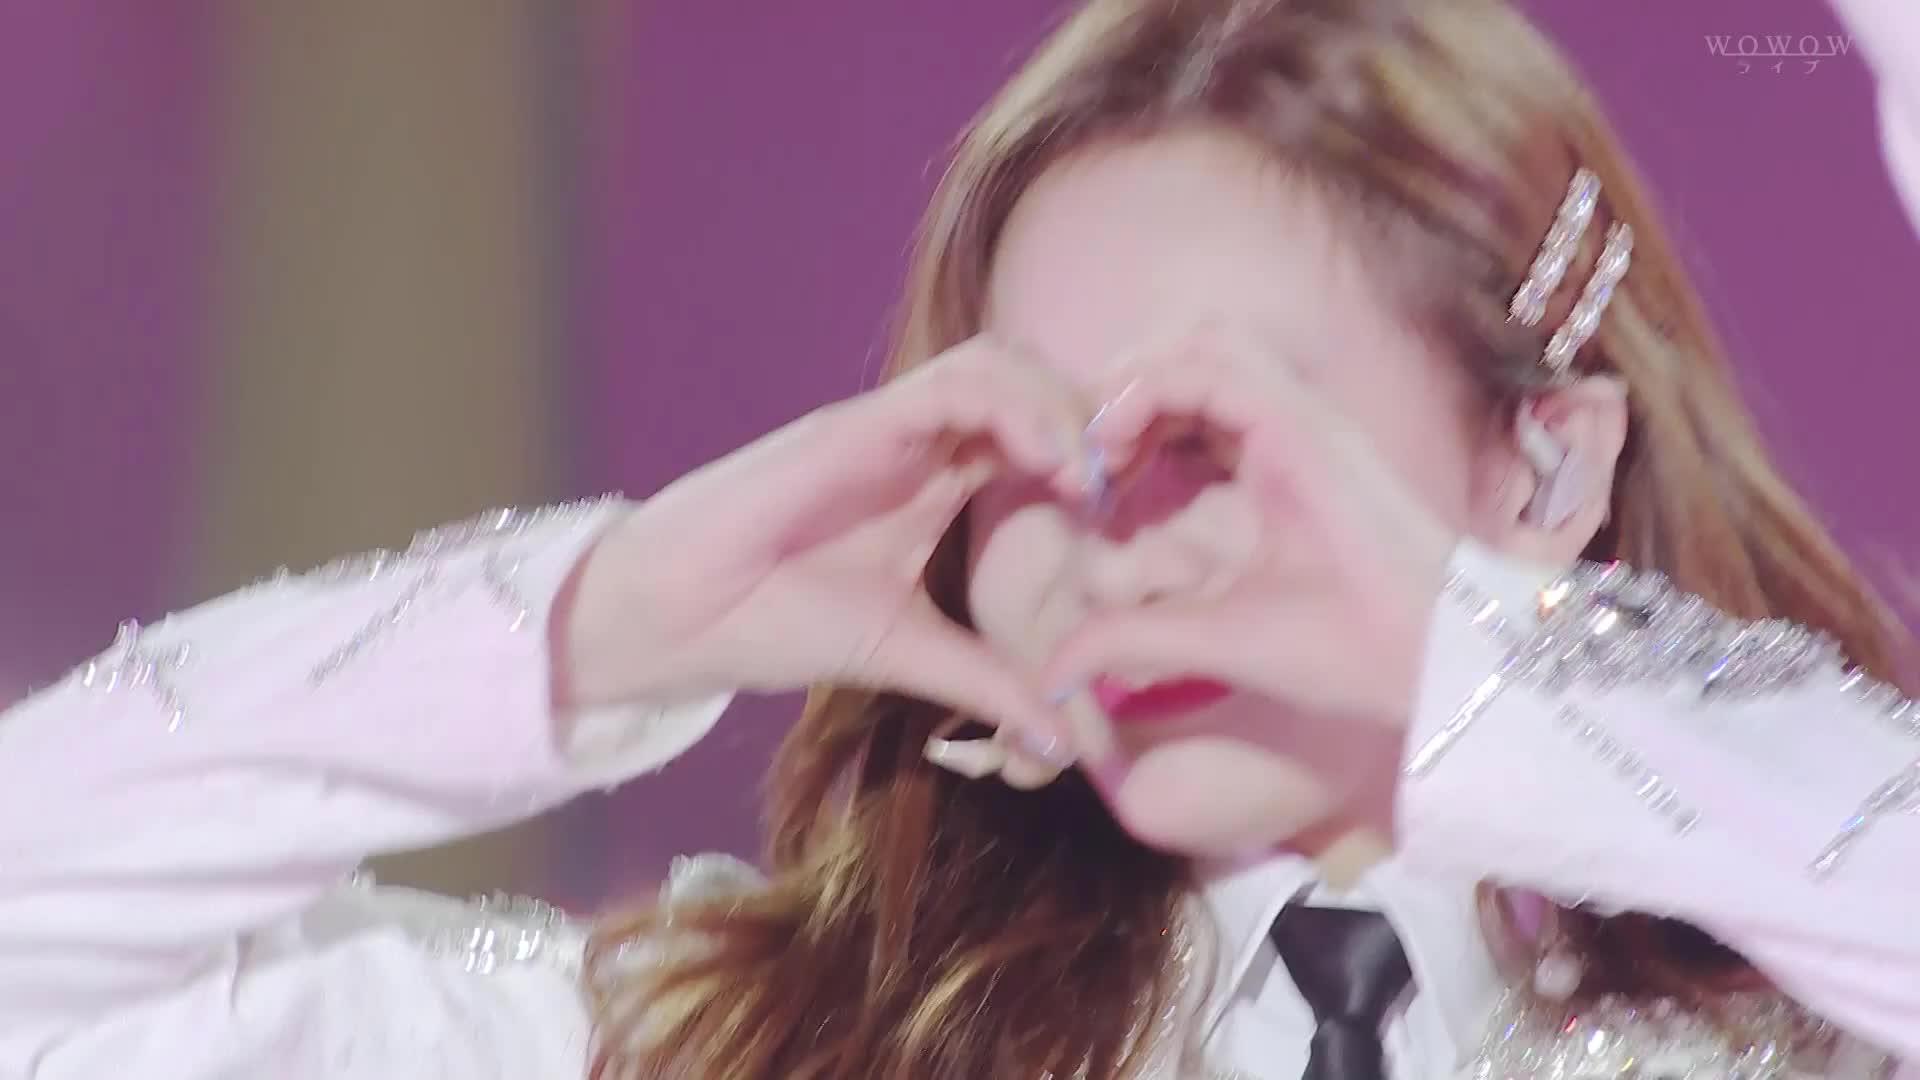 celebs, dreamday, kpop, nayeon, twice, Cutie Nayeon heart GIFs